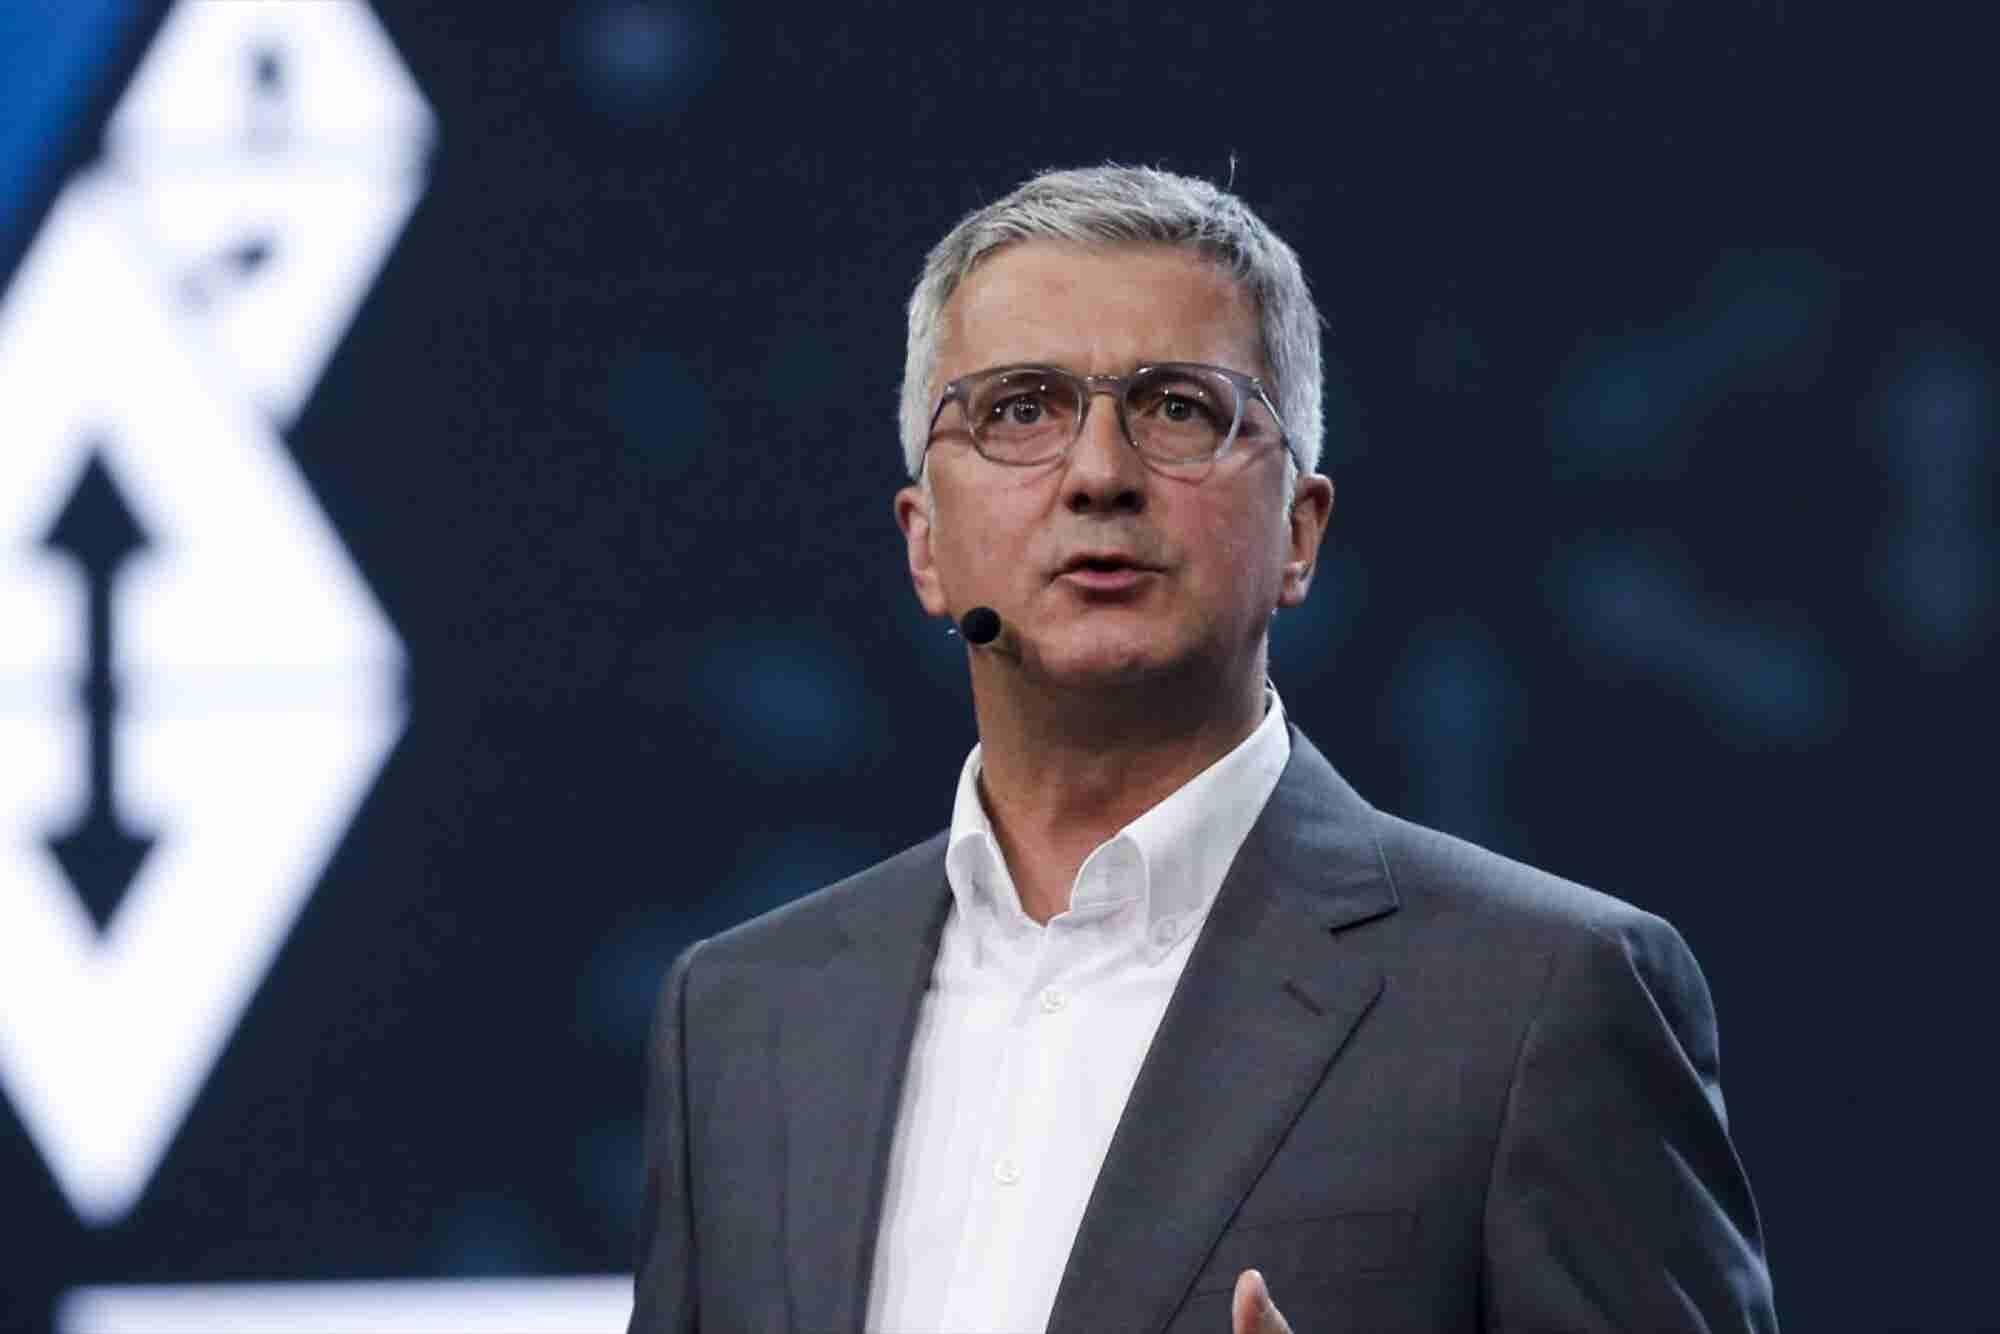 Audi CEO, Rupert Stadler, Arrested in Germany for Potential Evidence T...